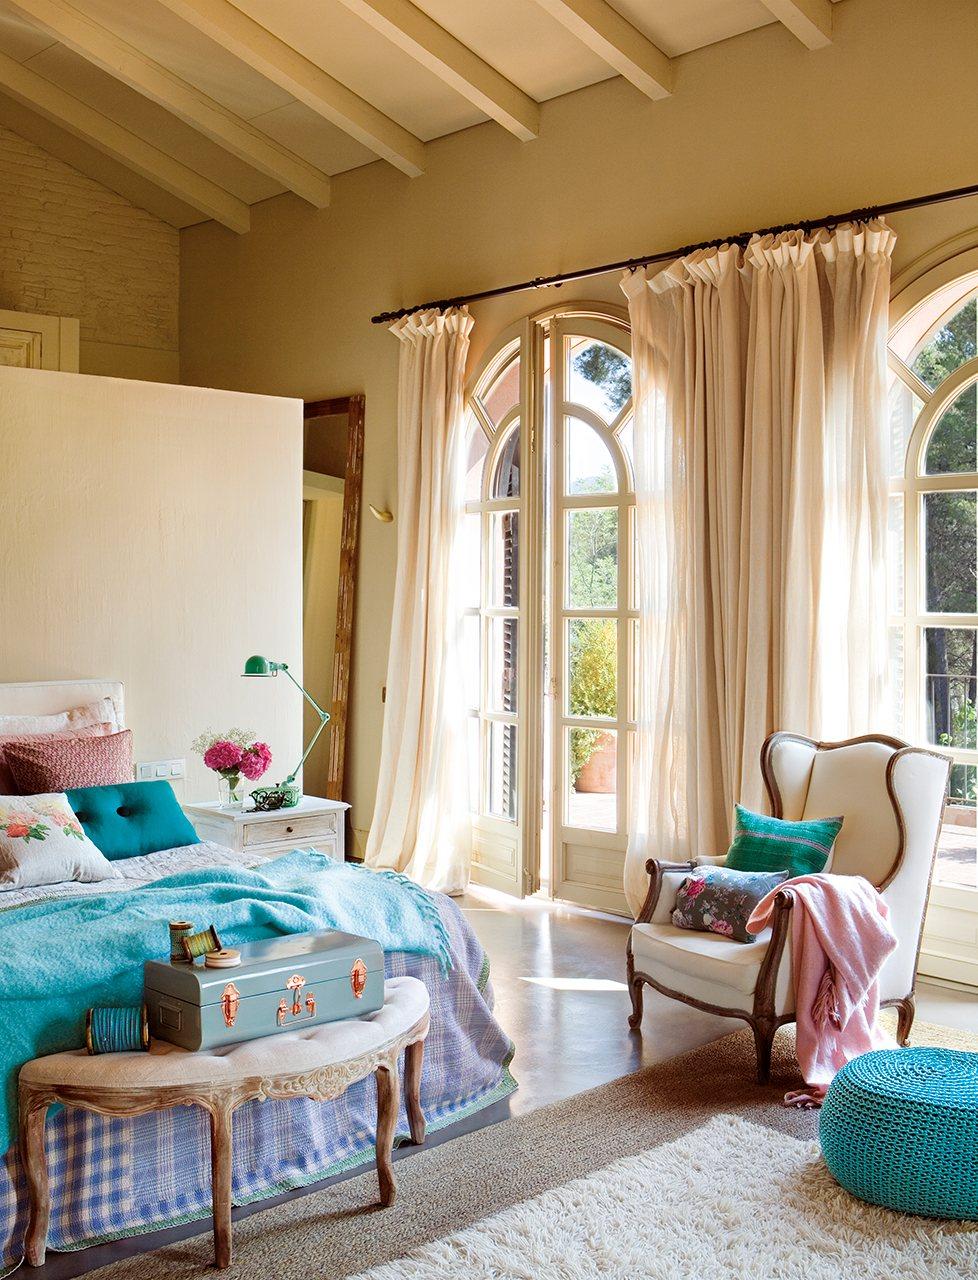 Choisir le meilleur lit adulte 40 belles id es for Ambiance chambre a coucher adulte